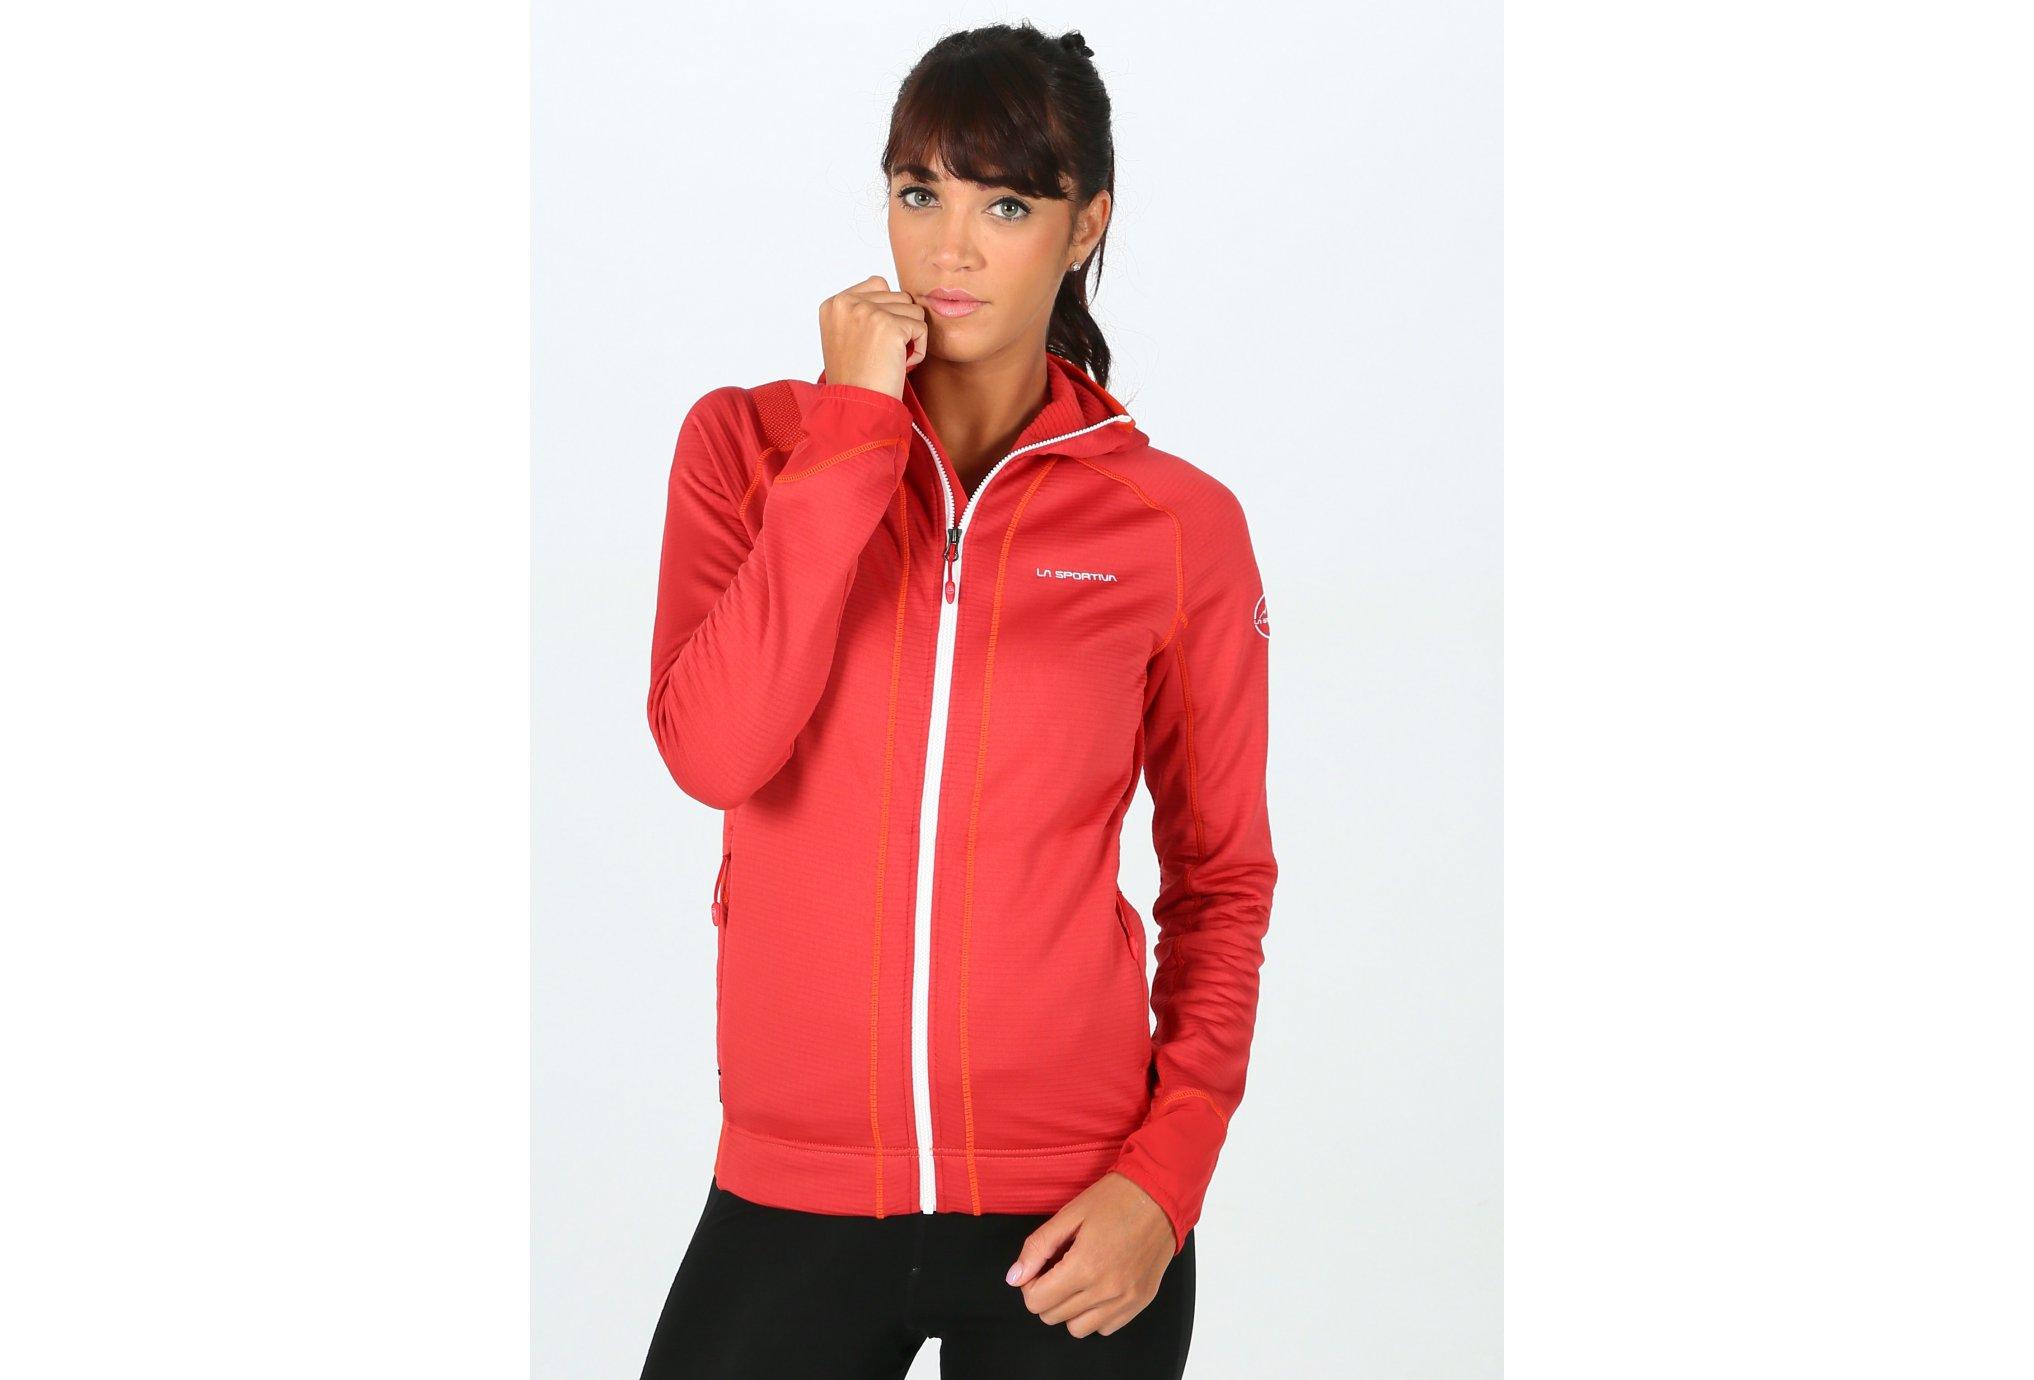 La Sportiva Kix W Diététique Vêtements femme